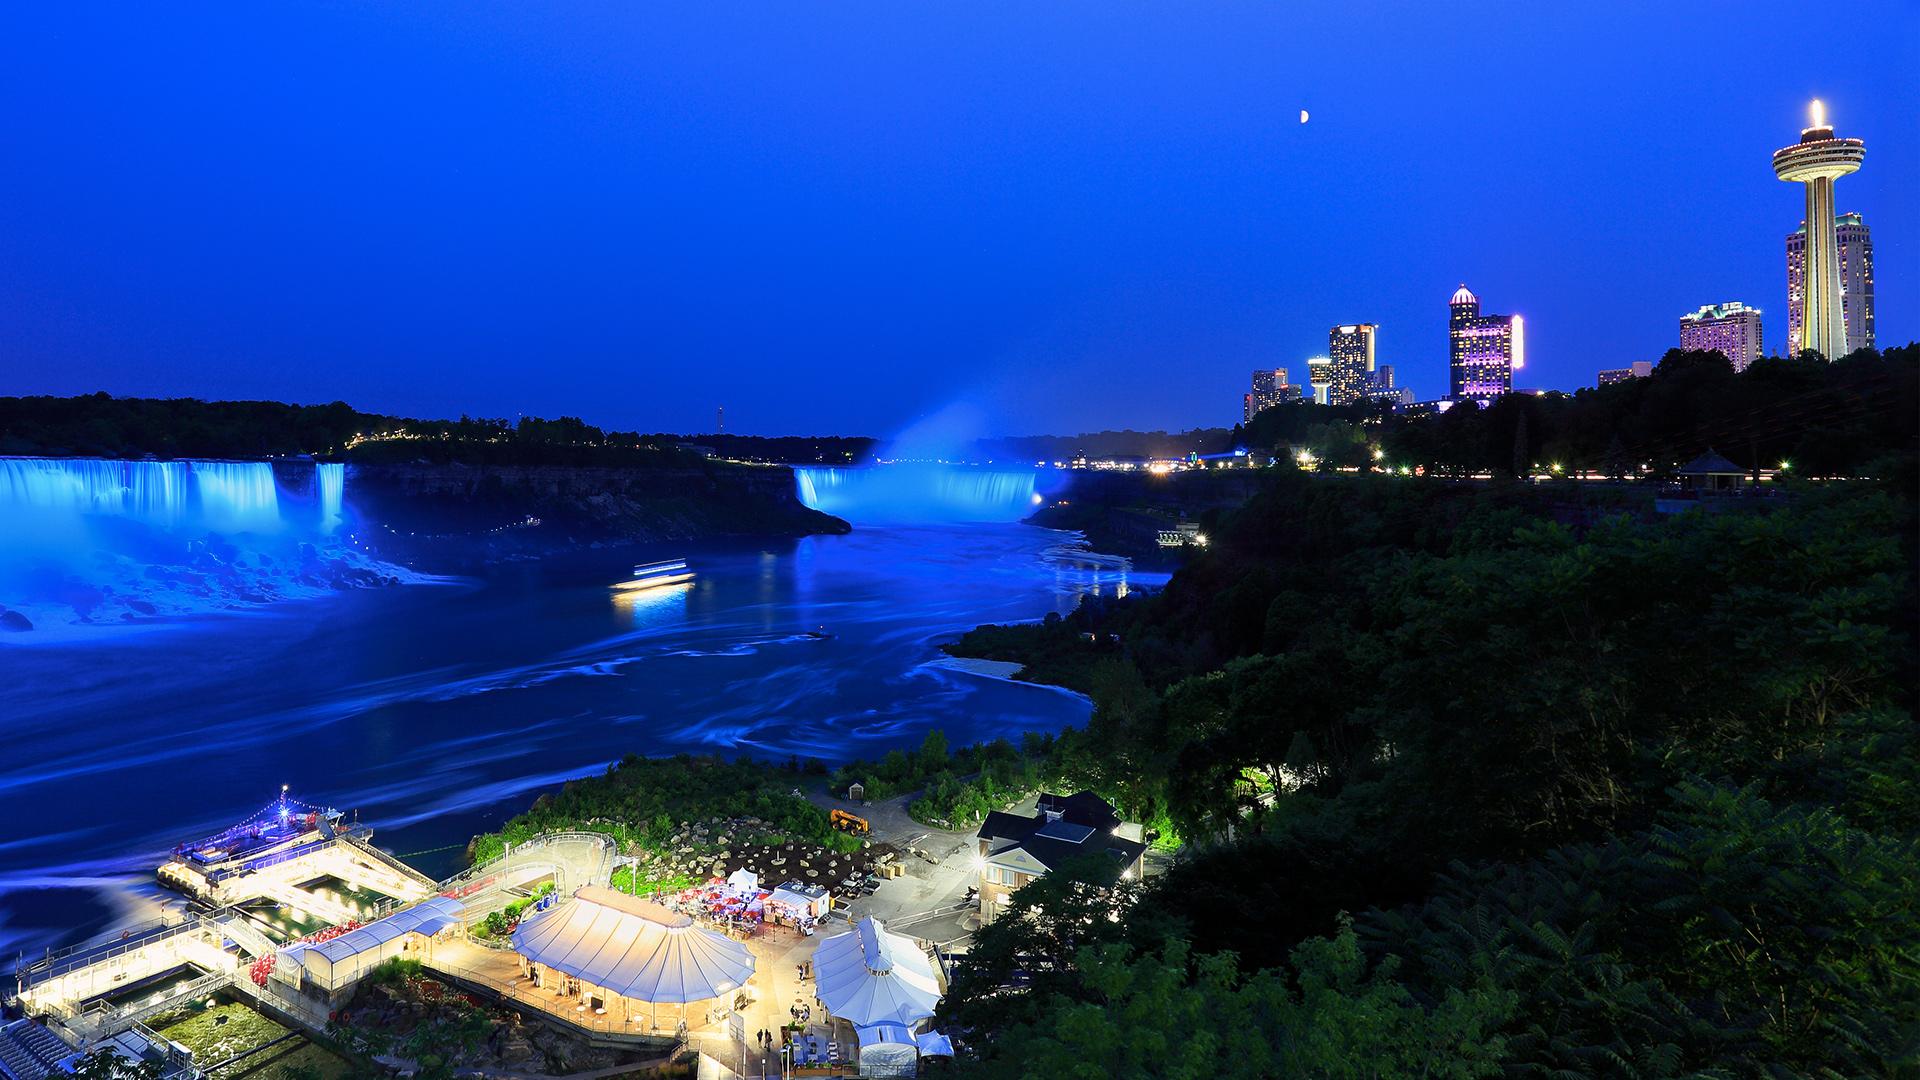 Niagara Falls Skylon Tower Revolving Dining Room Restaurant